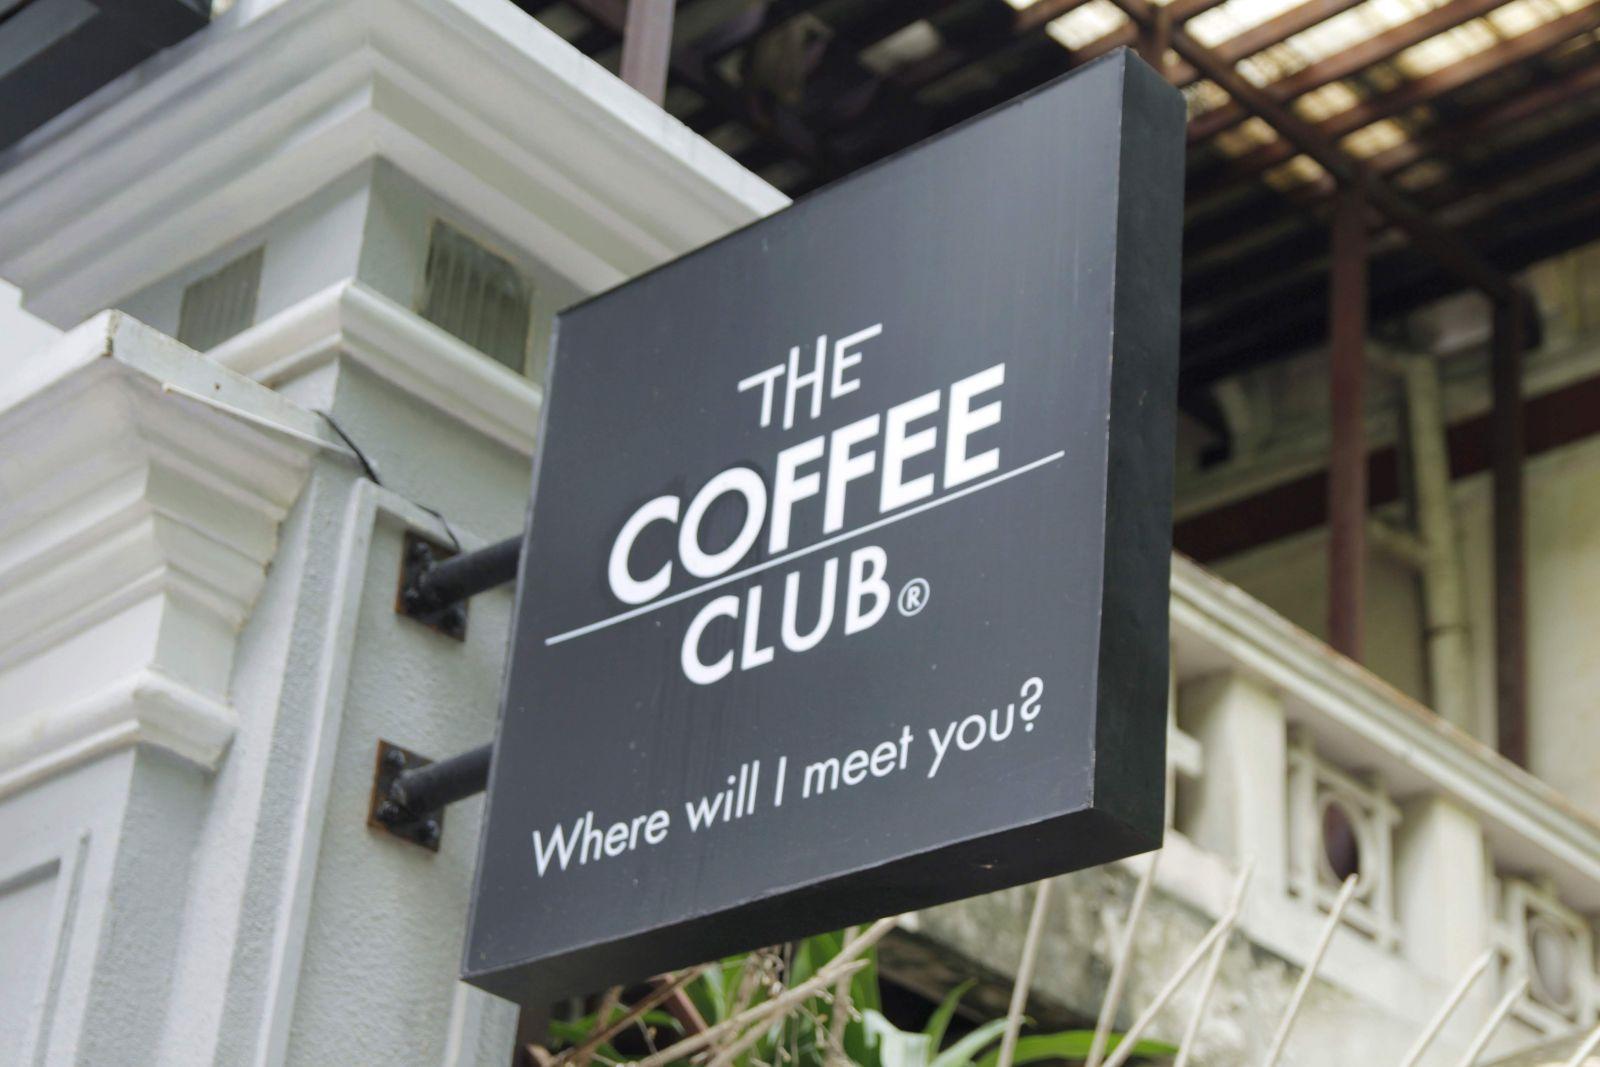 the coffee club hàn thuyên nổi bật tại quận 1 tphcm